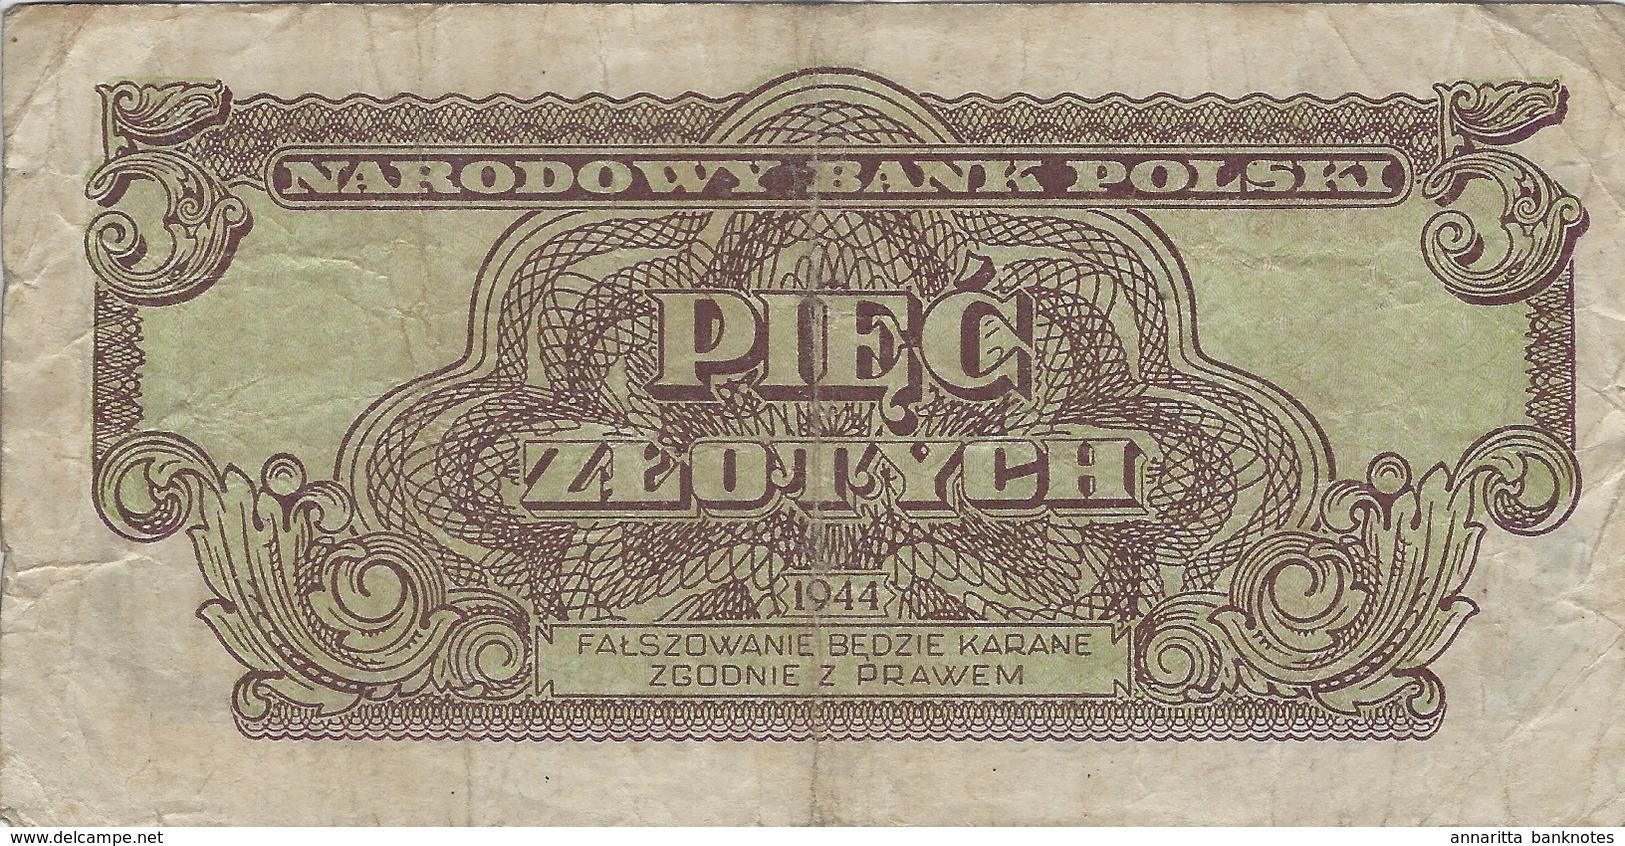 POLAND 5 ZŁOTYCH 1944 P-108a VF ERROR BY PRINTER GOZNAK [PL804a] - Poland